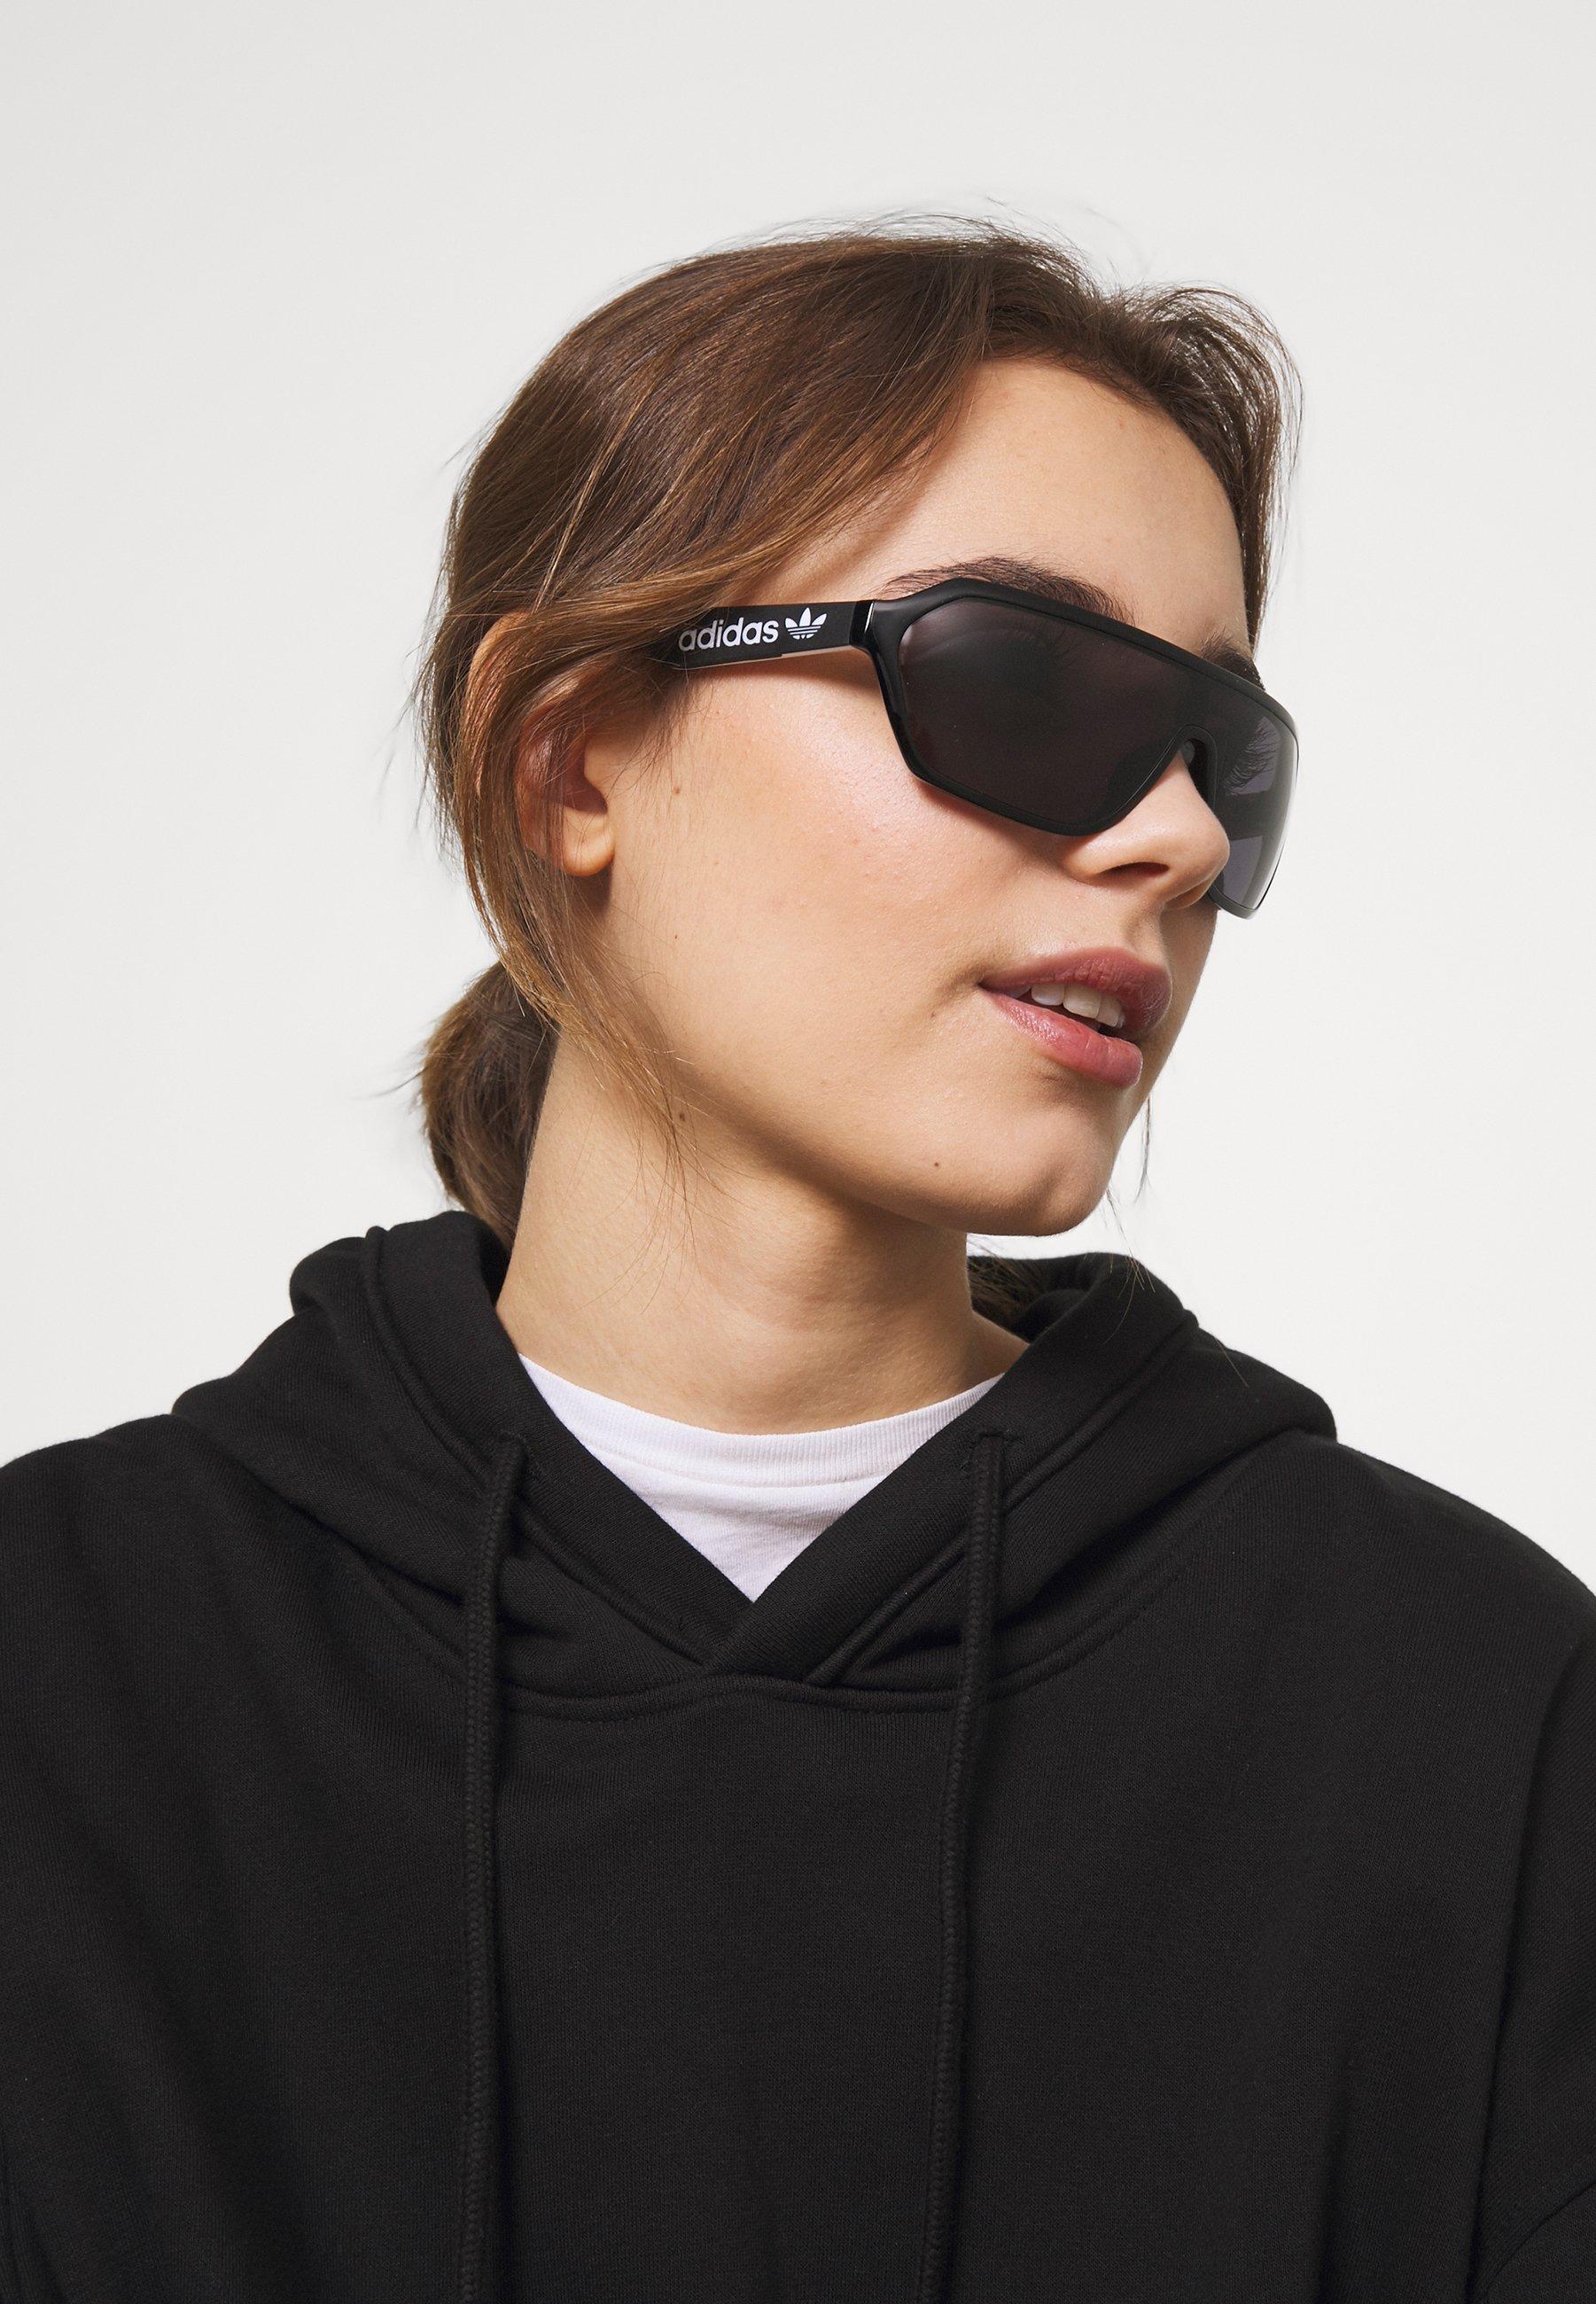 adidas Originals Lunettes de soleil - shiny black/smoke